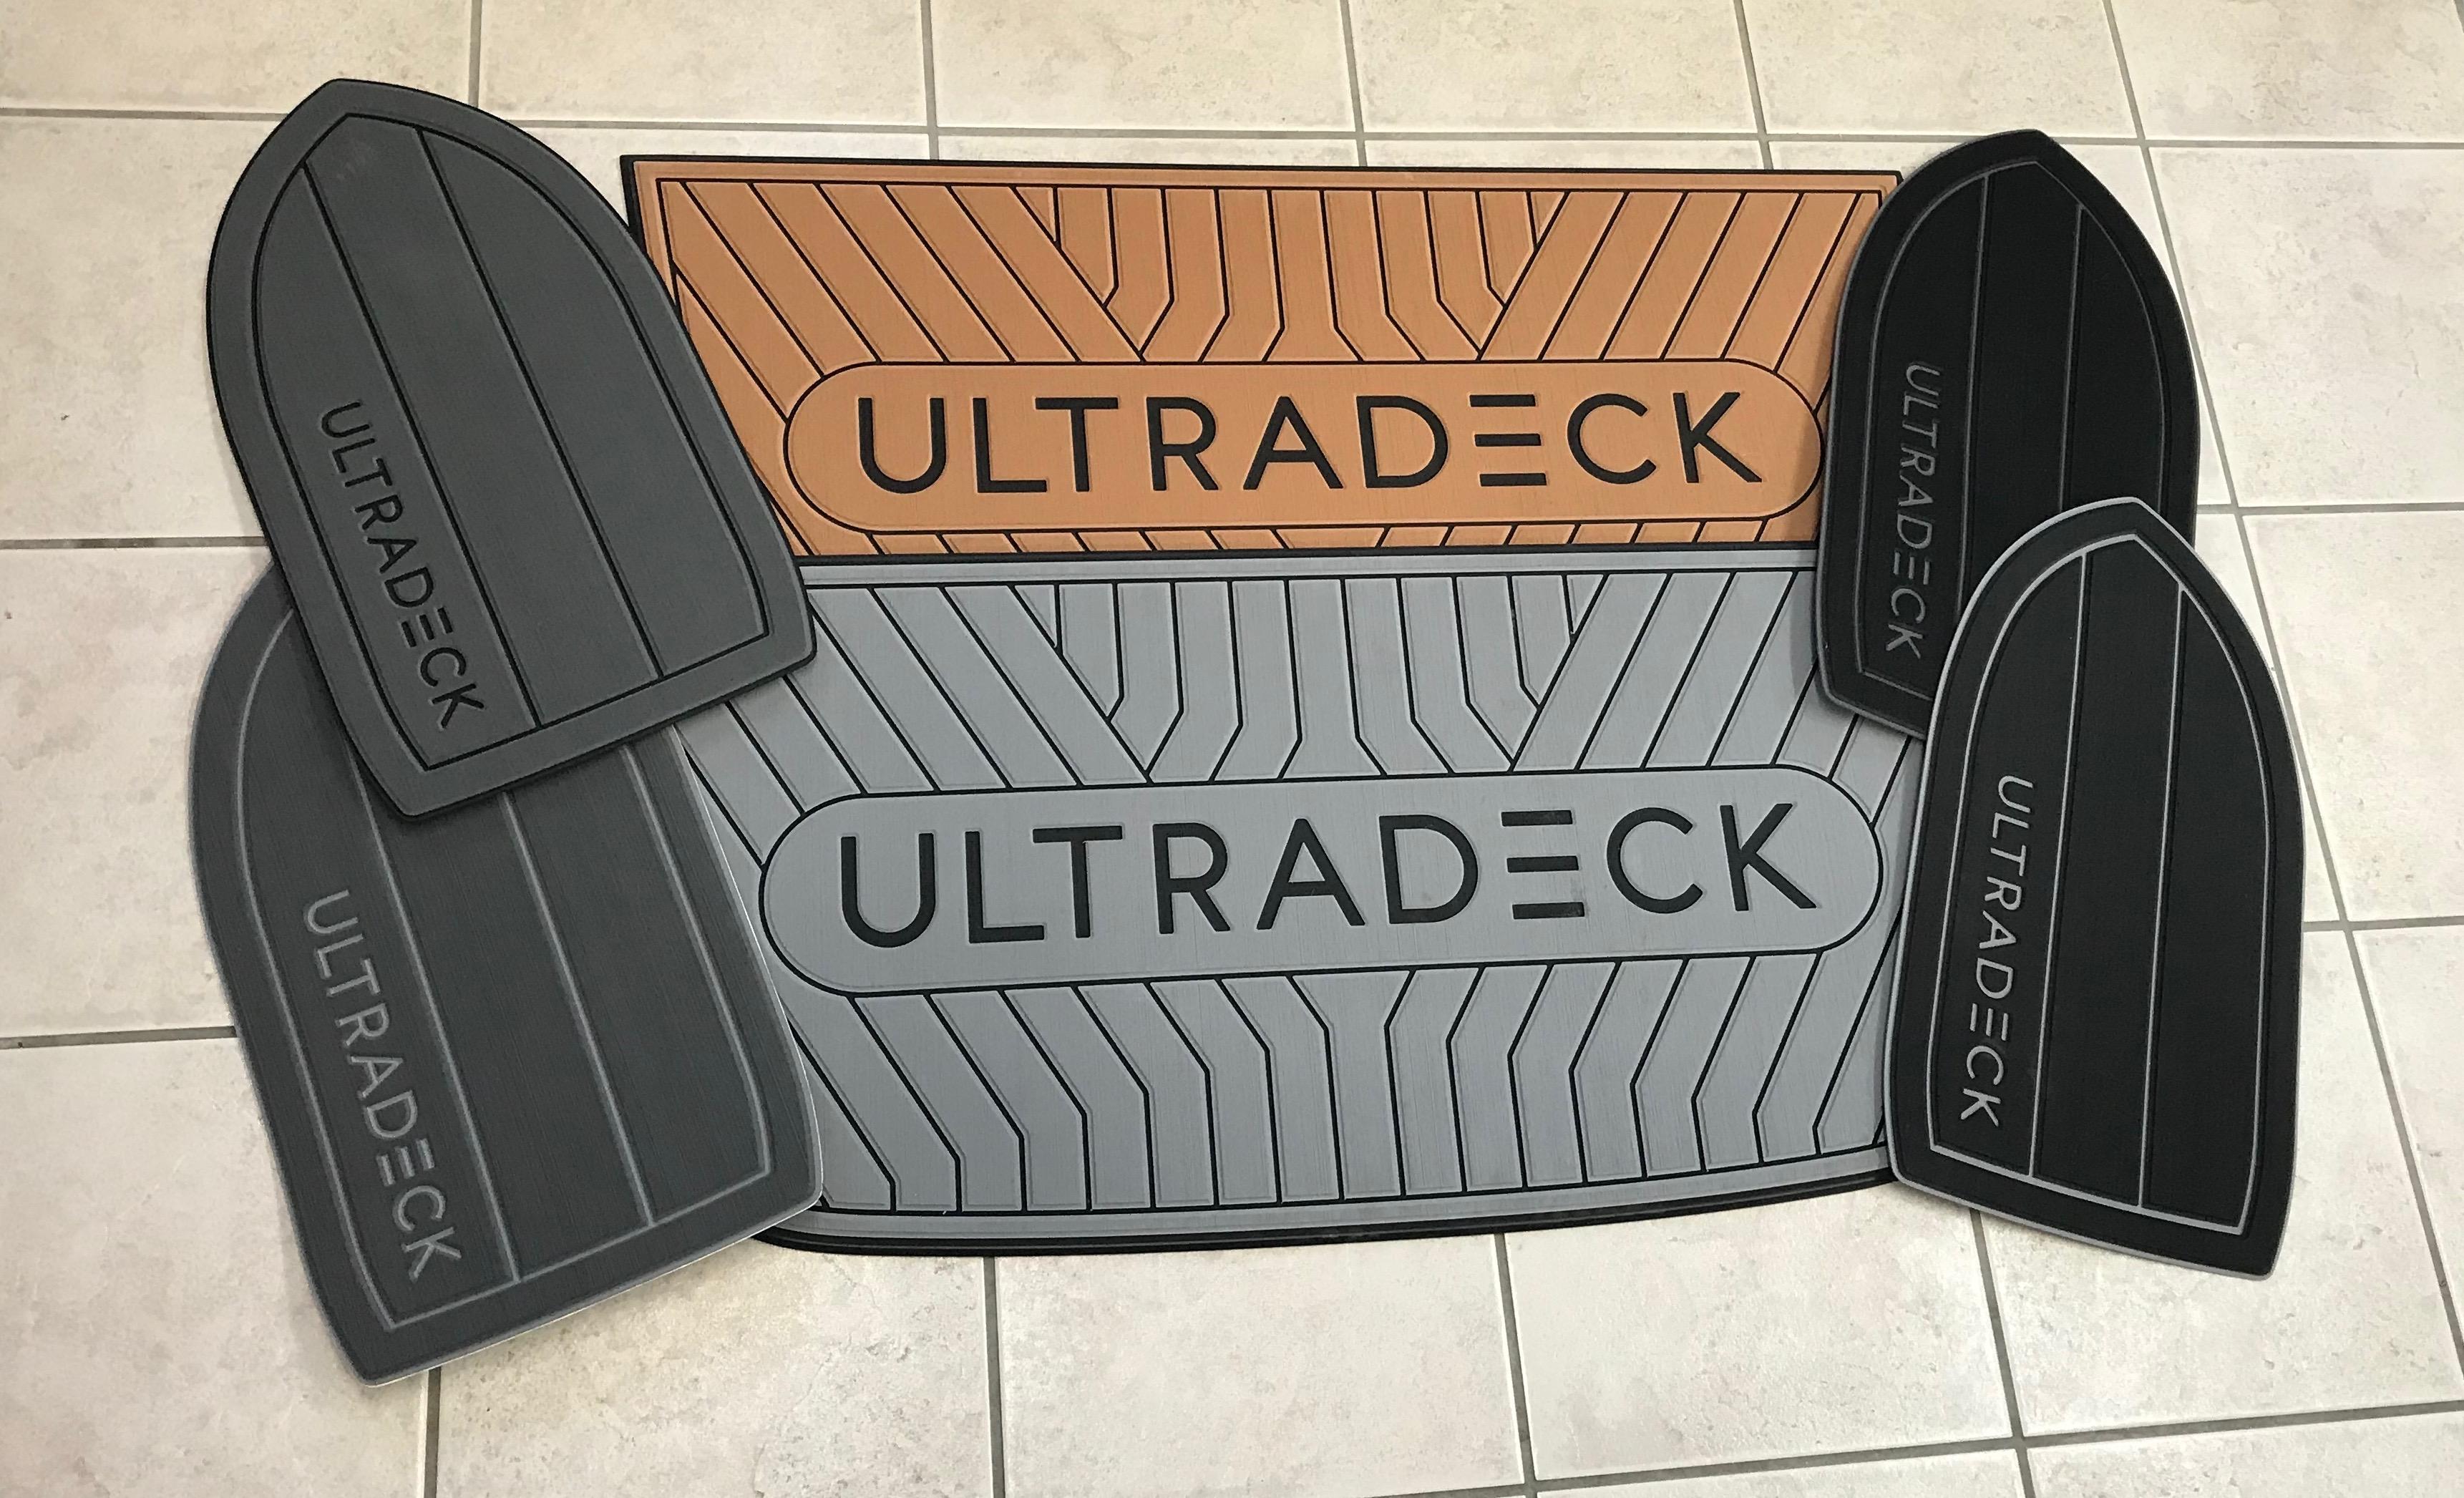 Ultradeck Image